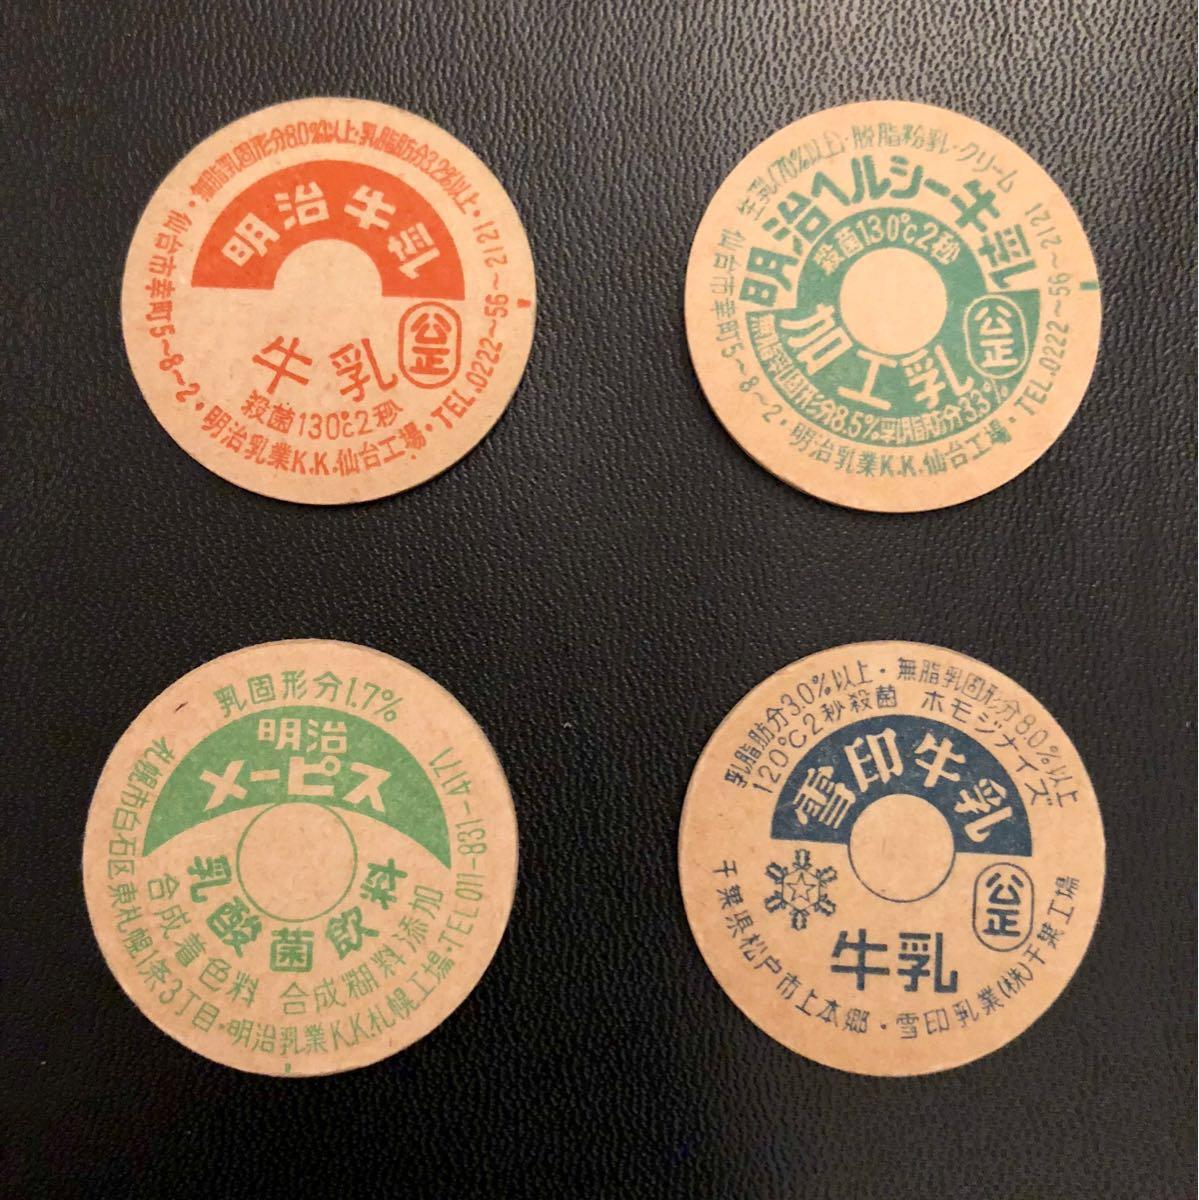 ★牛乳ビンの蓋★10枚まとめて★北海道★仙台★千葉★兵庫★_画像3